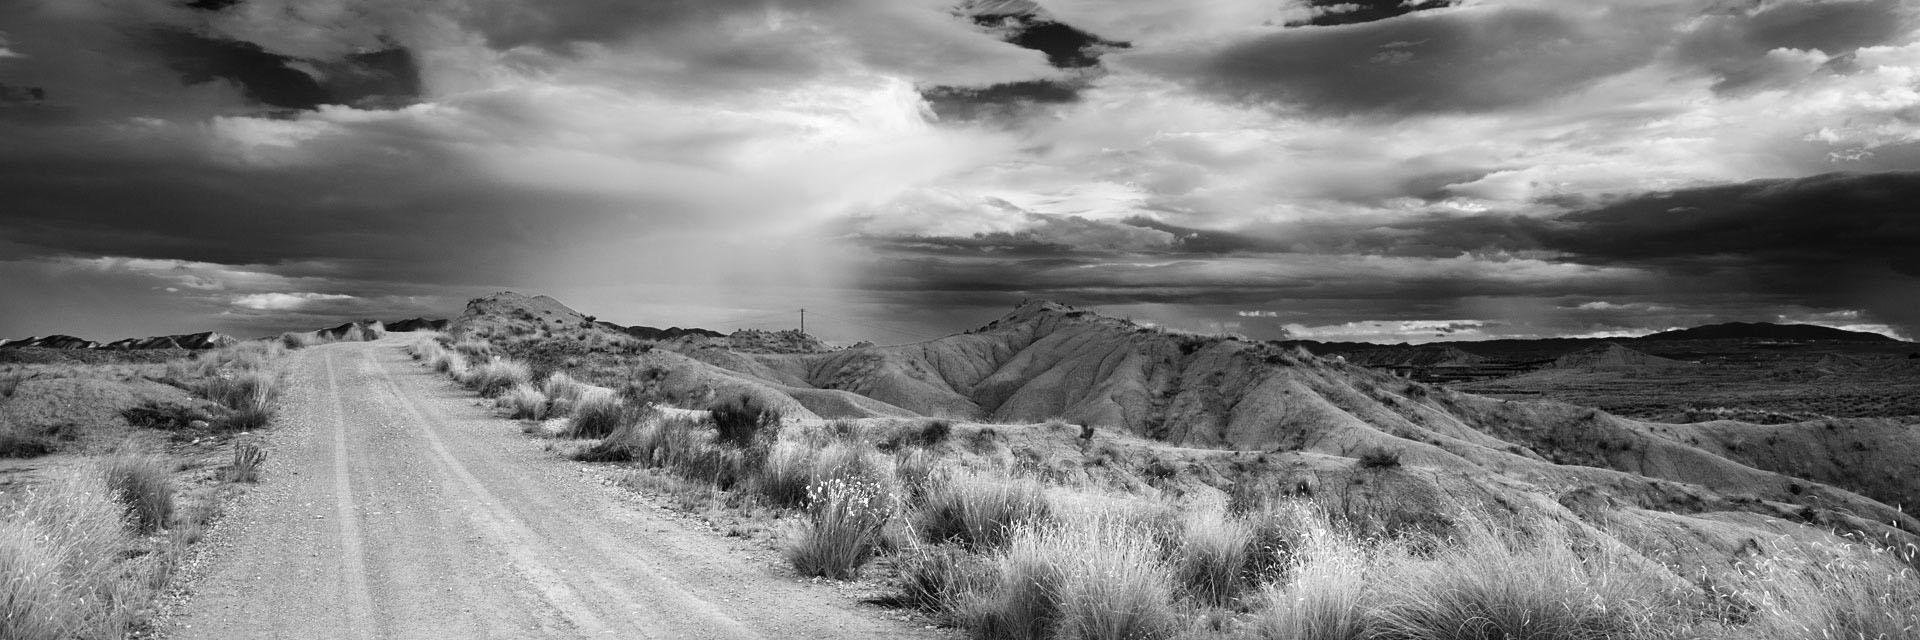 Fotografía de Manuel Portillo: cárcavas en un día de tormenta